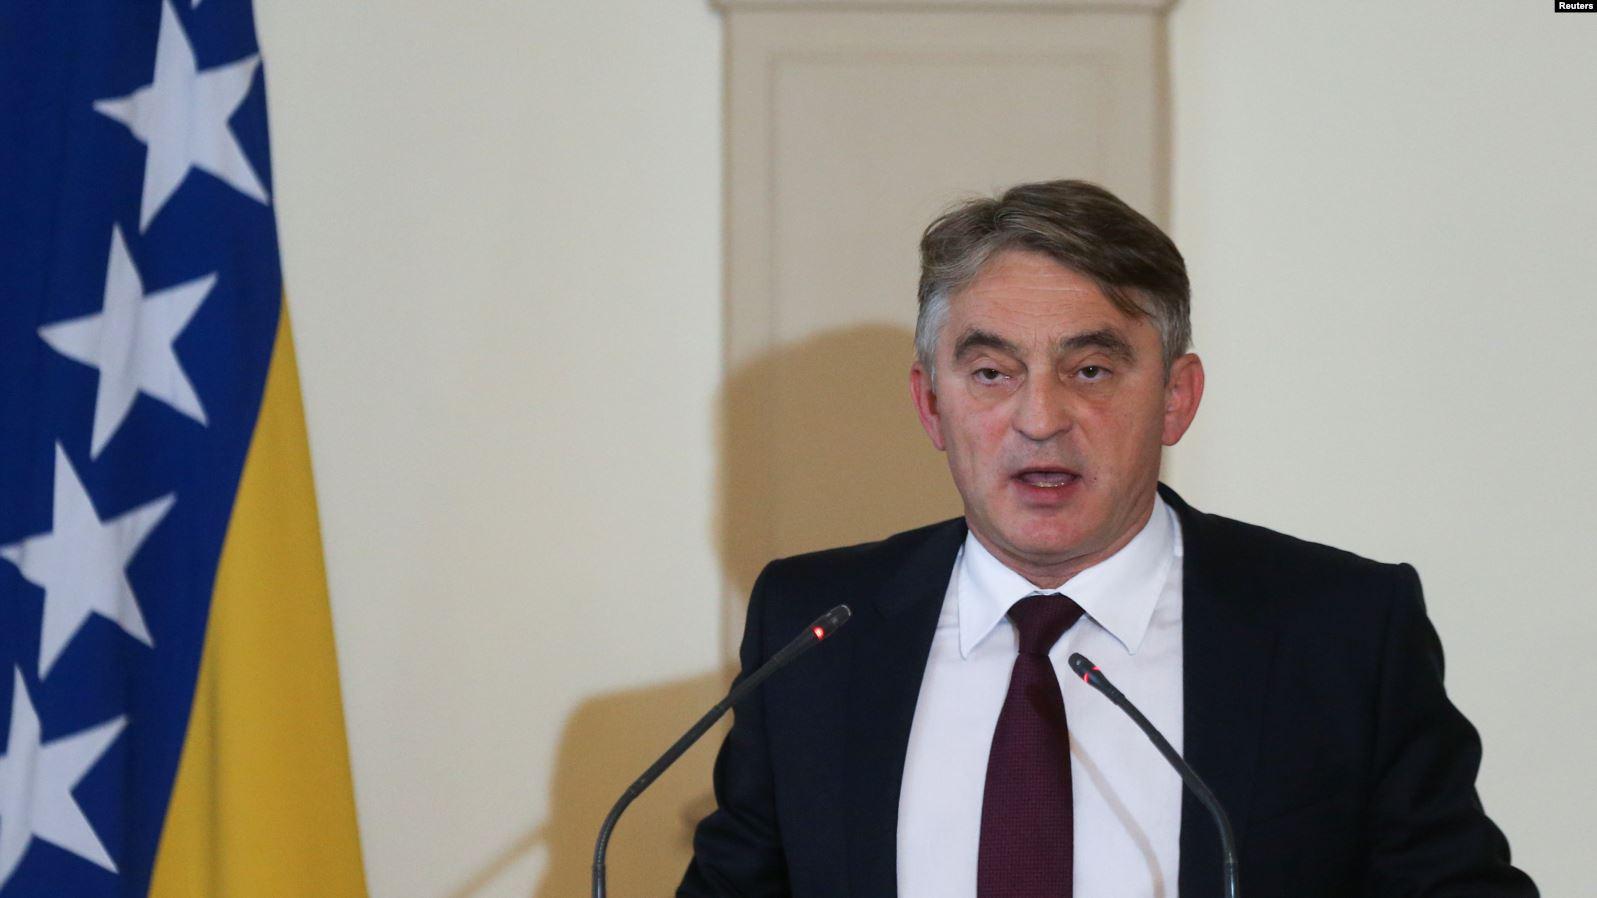 Anëtari i Presidencës së Bosnjës kërkon njohjen e Kosovës